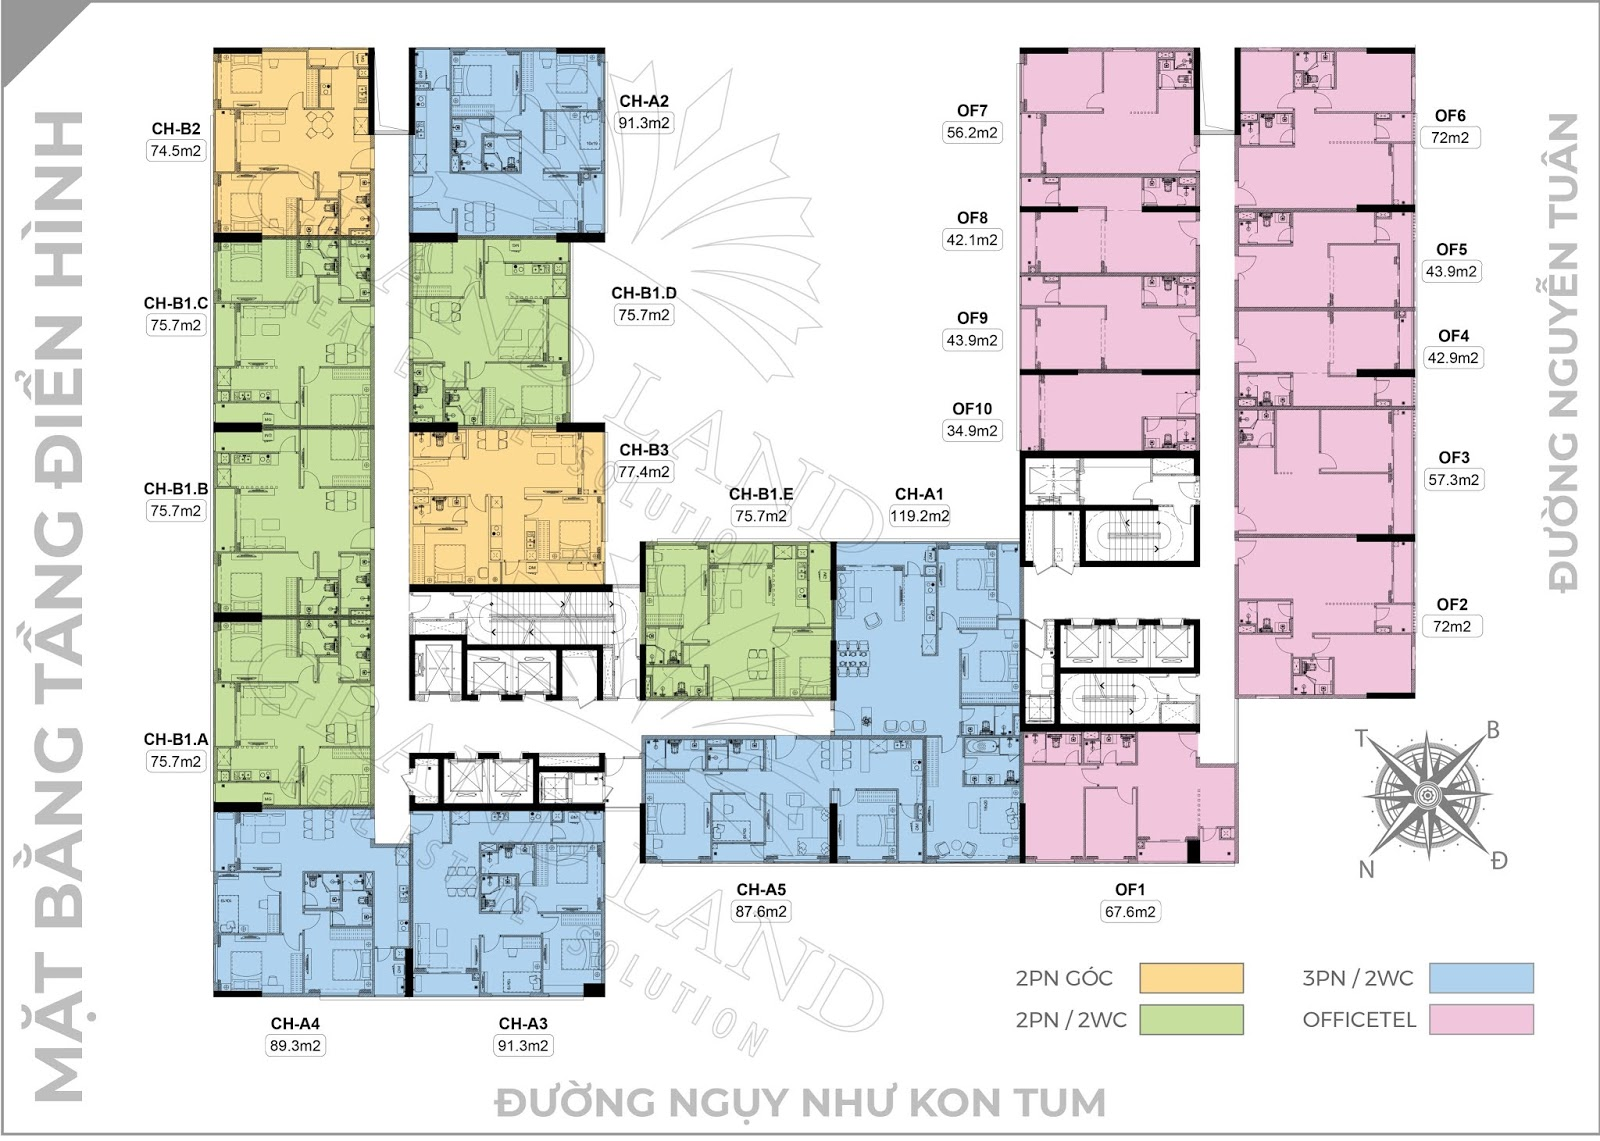 Thiết kế căn hộ chung cư DLC Complex Nguyễn Tuân